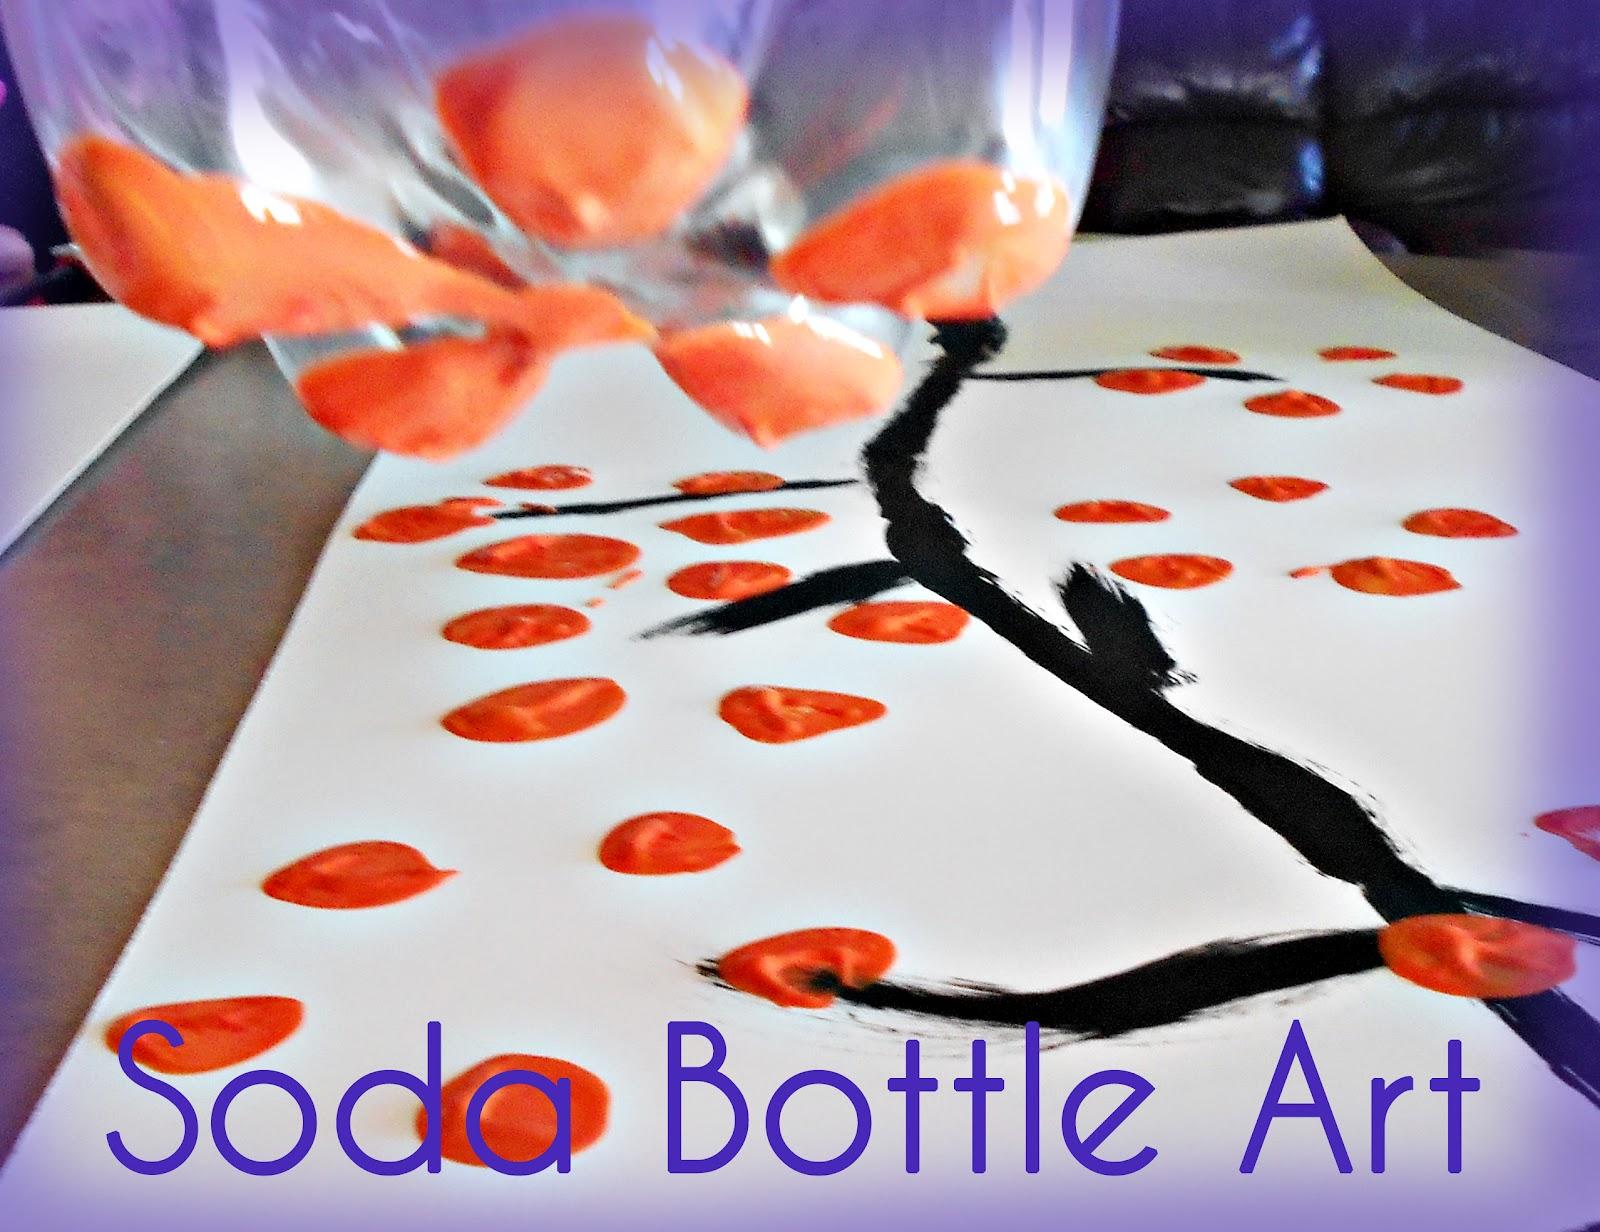 heaps of laundry soda bottle art